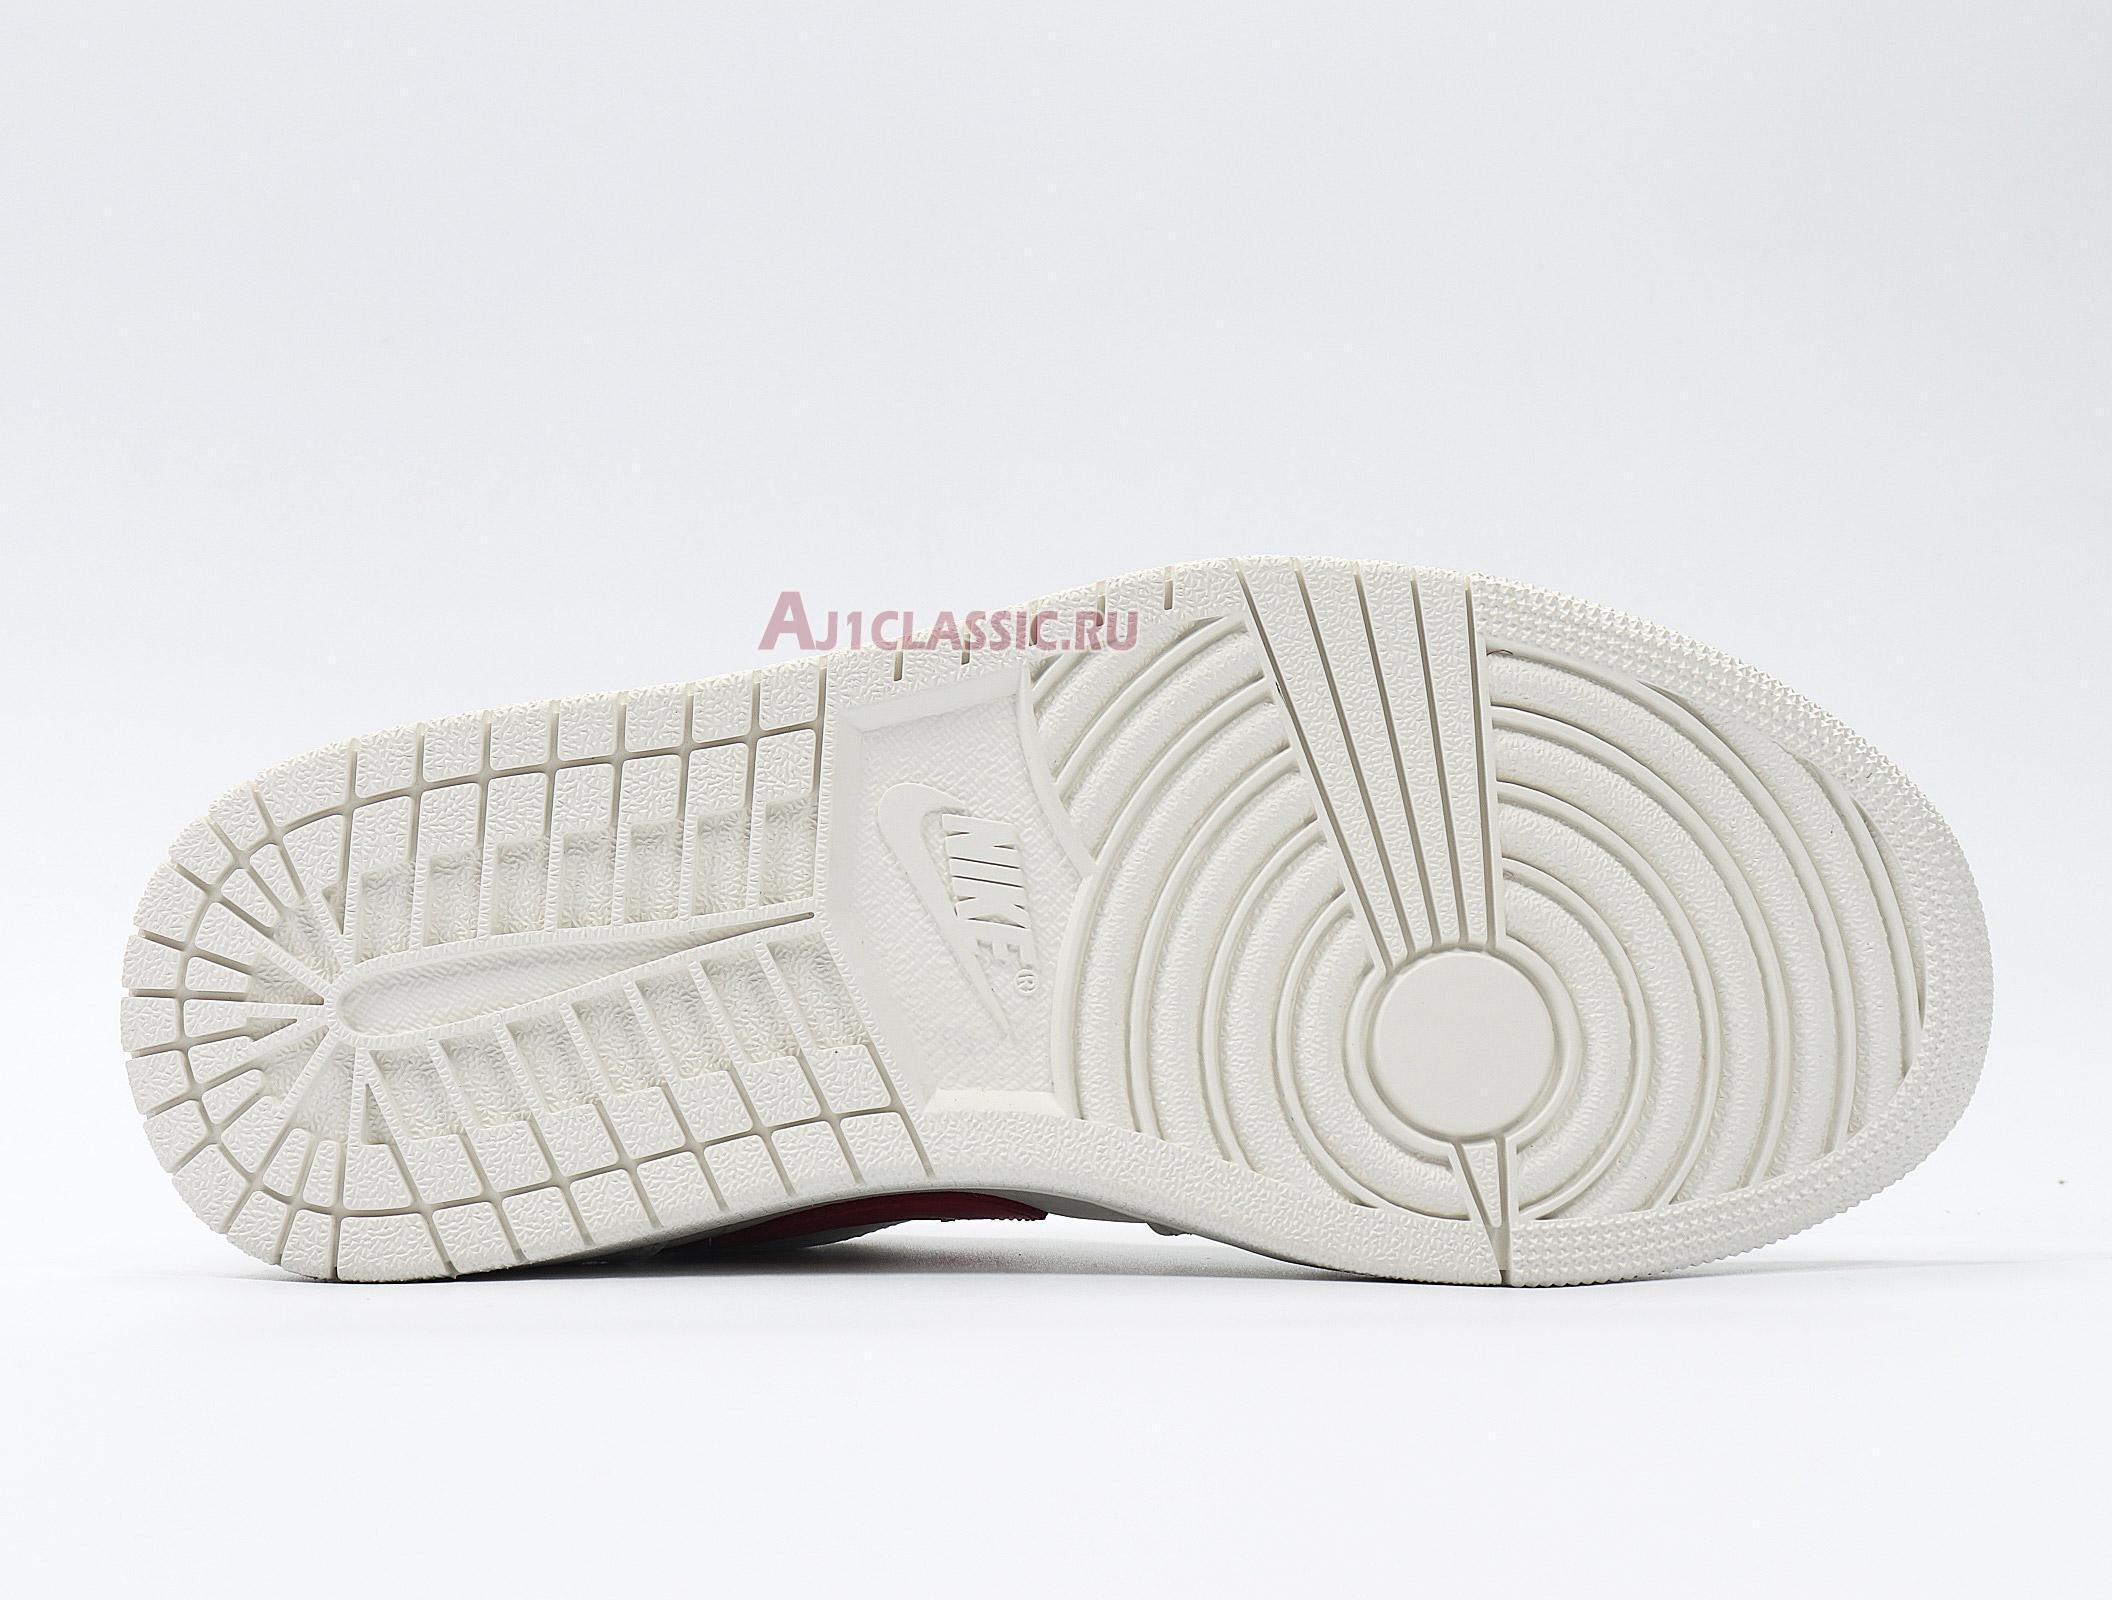 """Air Jordan 1 Low """"University Red"""" AO9944-161"""